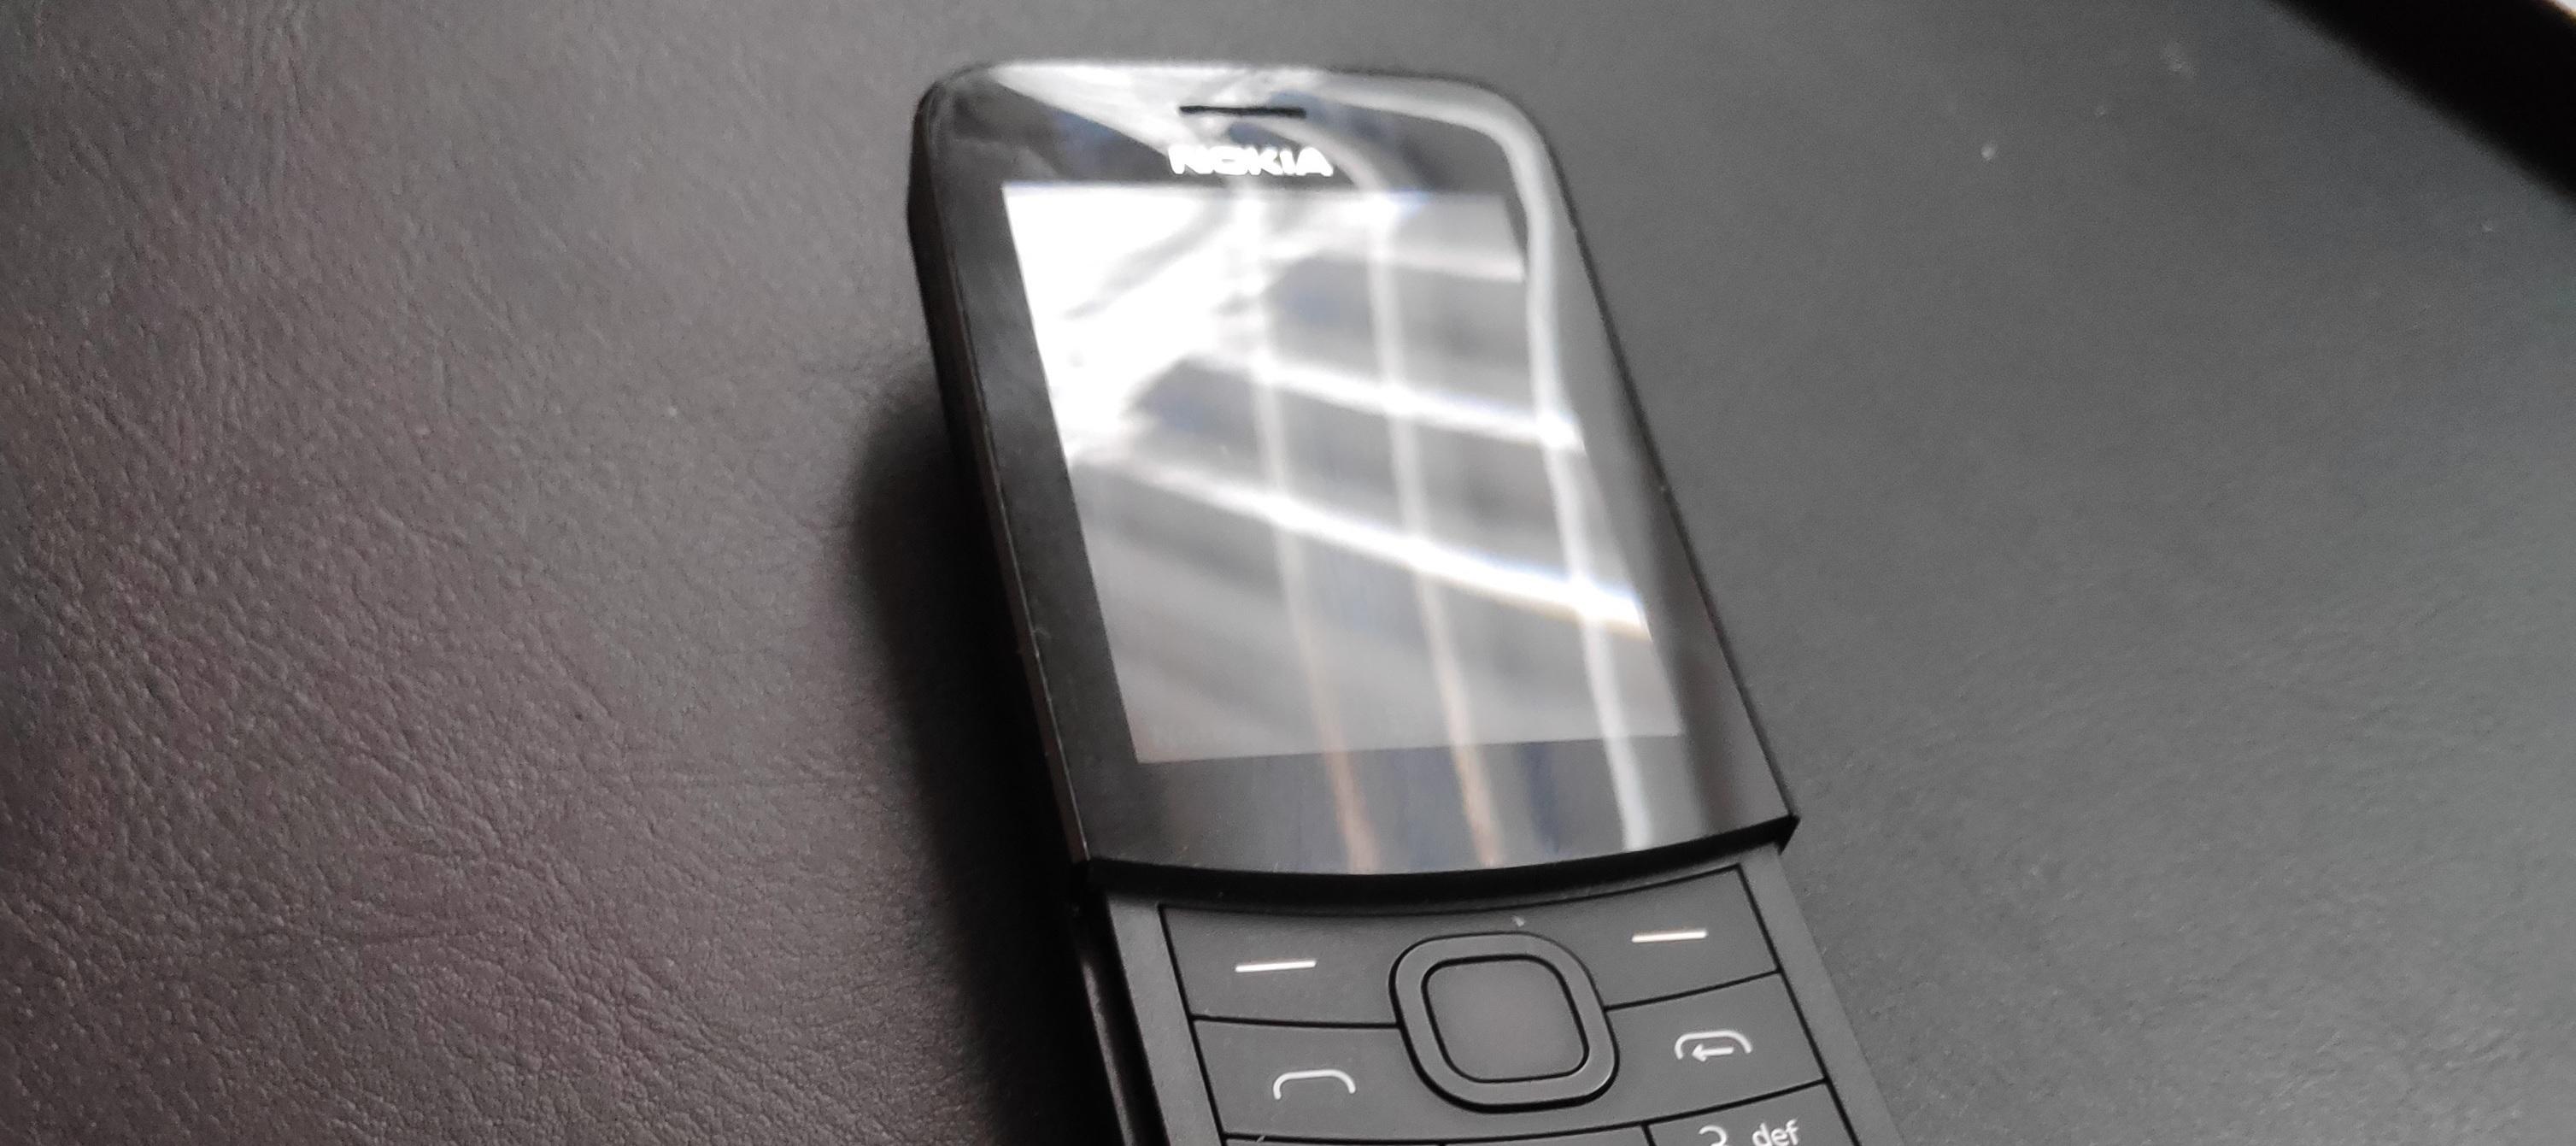 Nokia 8110 - Entschleunigung oder Ausbremsung